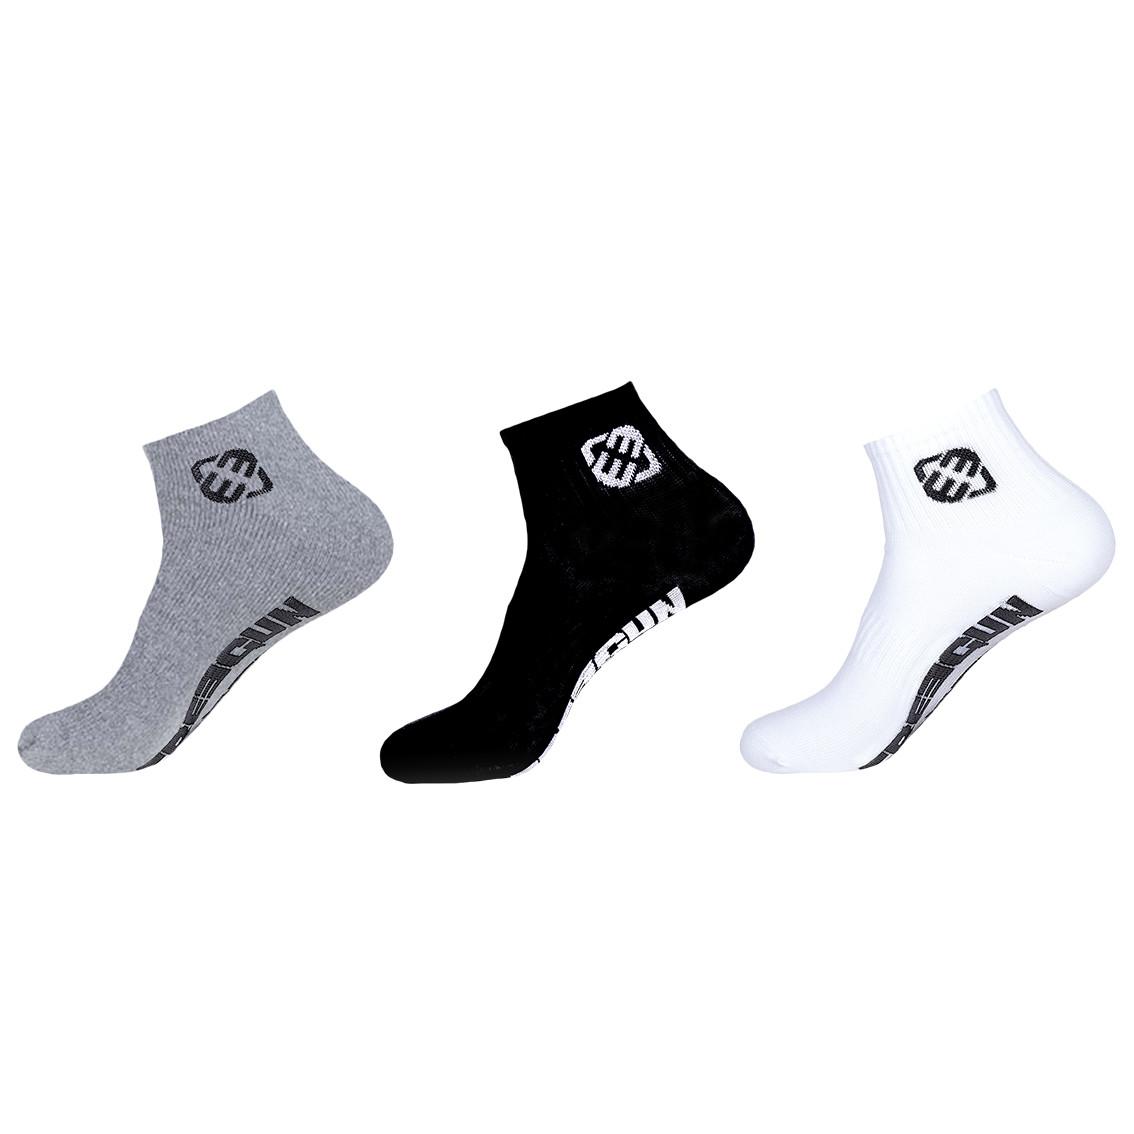 Lot de 3 paires de chaussettes lowcuts garçon assortis